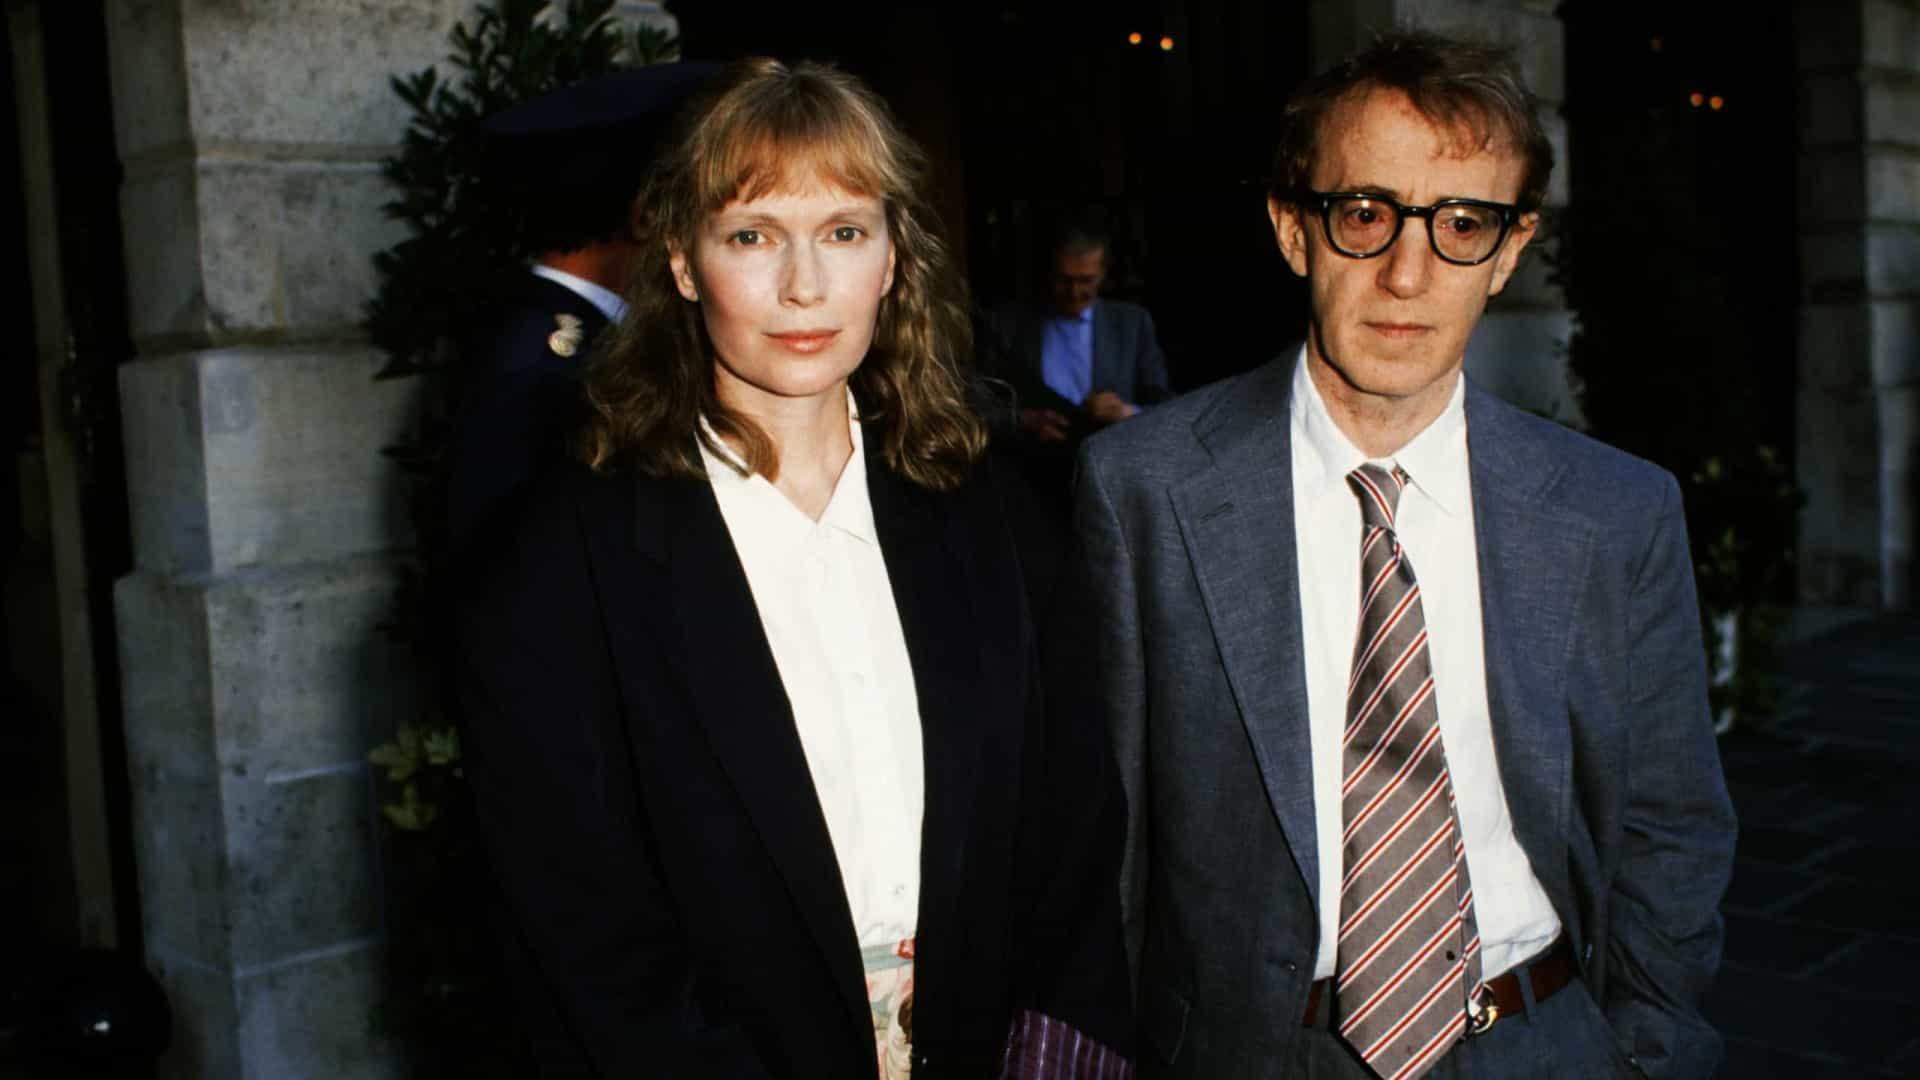 A imagem é uma foto de Mia Farrow e Woody Allen.